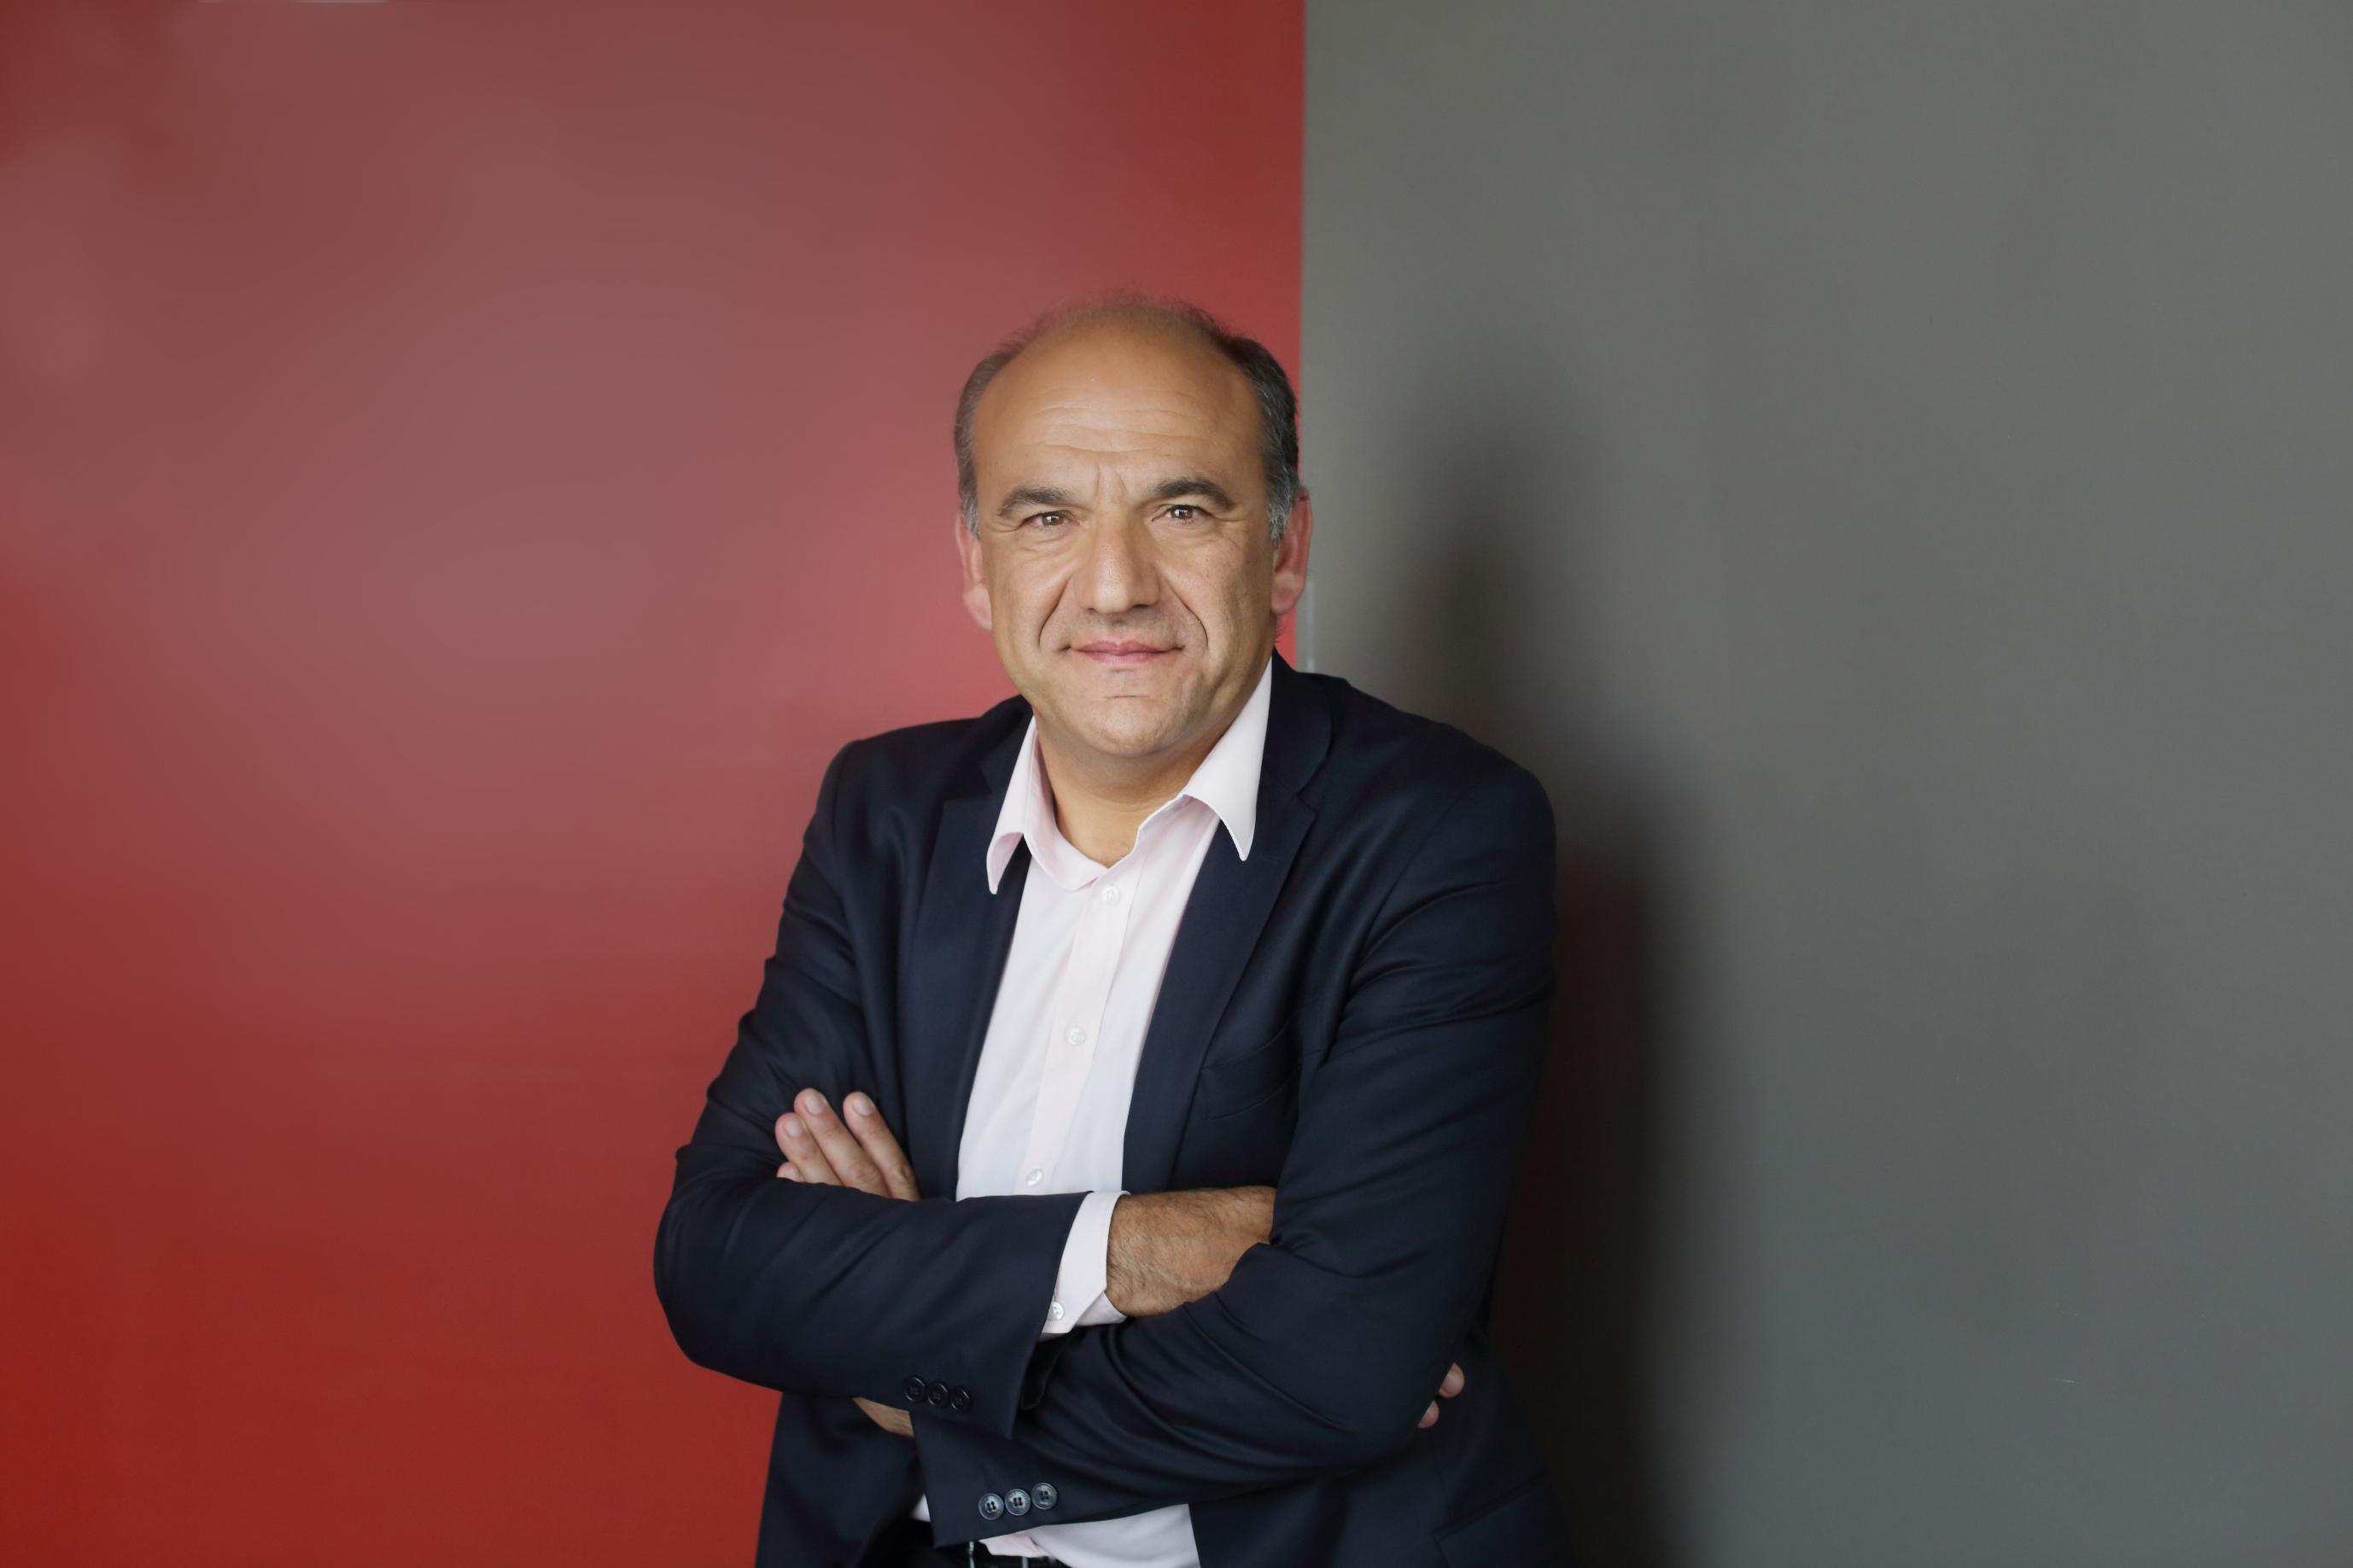 Christophe Carniel, Fondateur de Netia et de Vogo, Président de Transferts LR